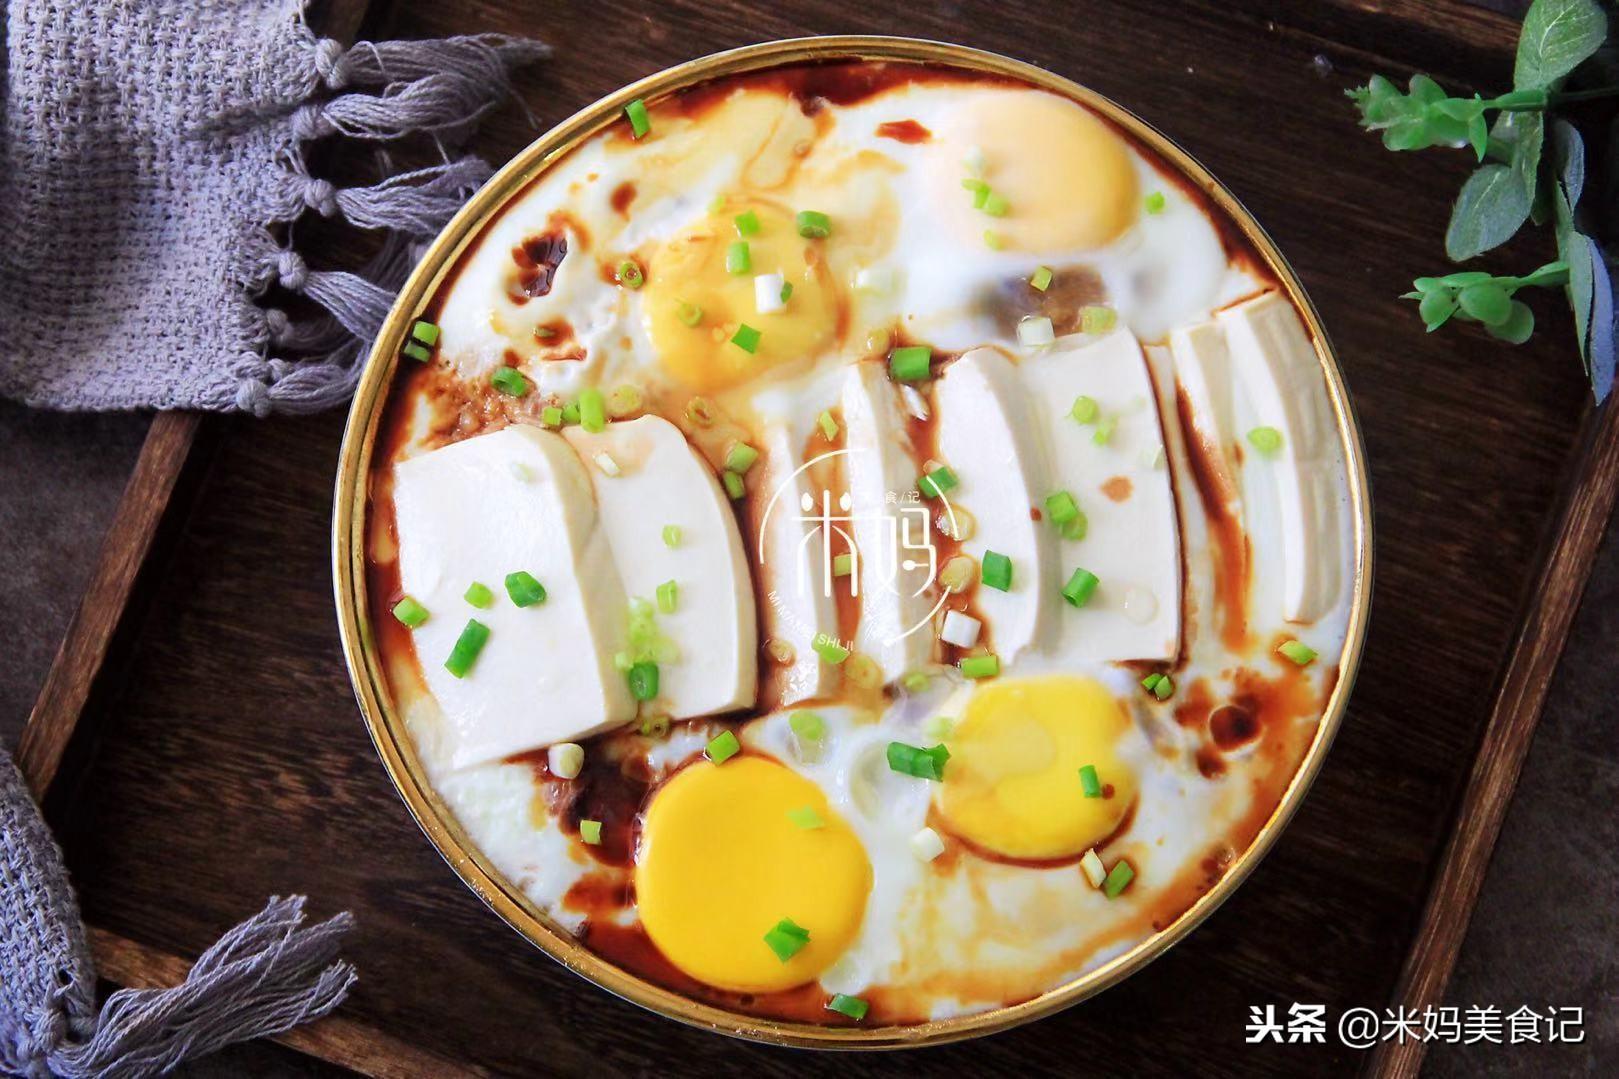 肉末豆腐抱鸡蛋做法步骤图 比牛奶好吸收孩子要多吃!